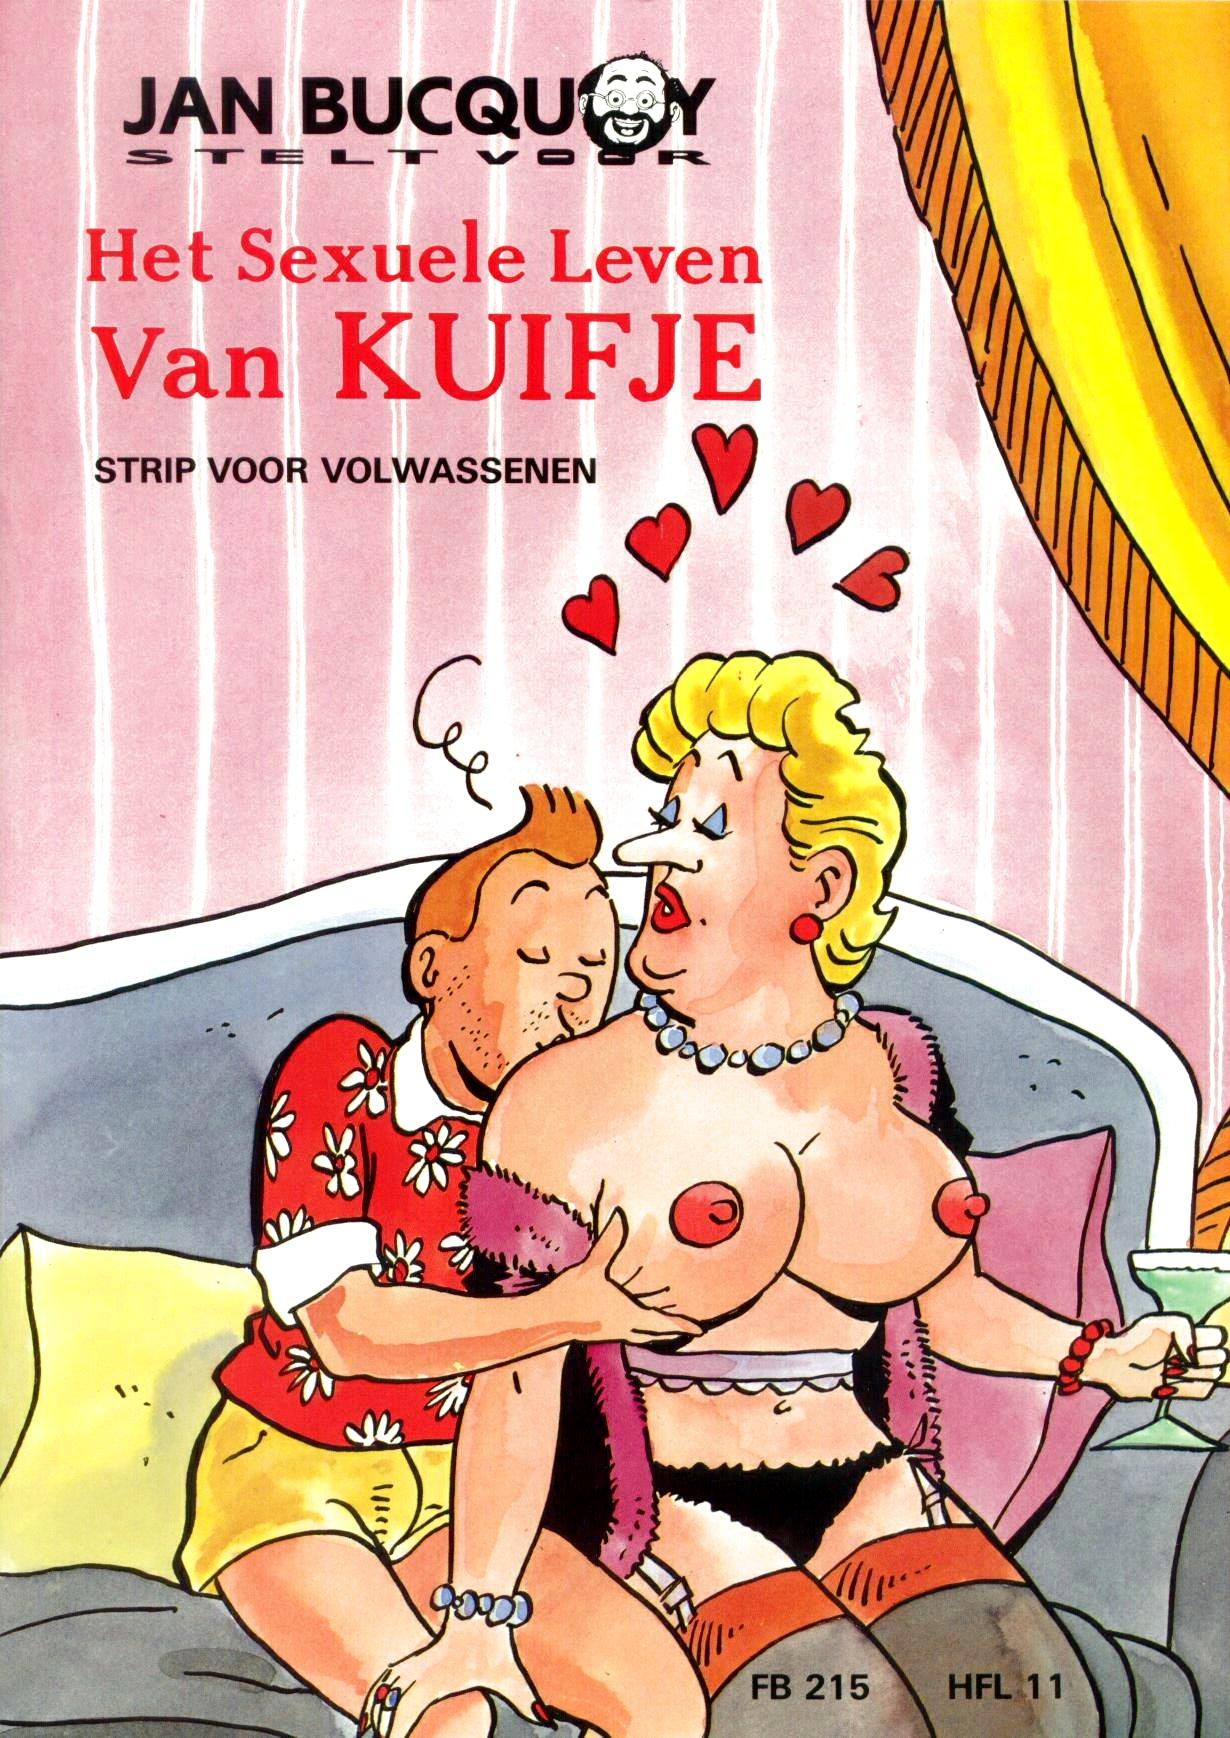 Goodcomix.tk The Adventures of Tintin - [Jan Bucquoy] - La Vie Sexuelle De Tintin - Het Sexuele Leven Van Kuifje (1993) - Deel 1&2 [FULL 64 PAGE]